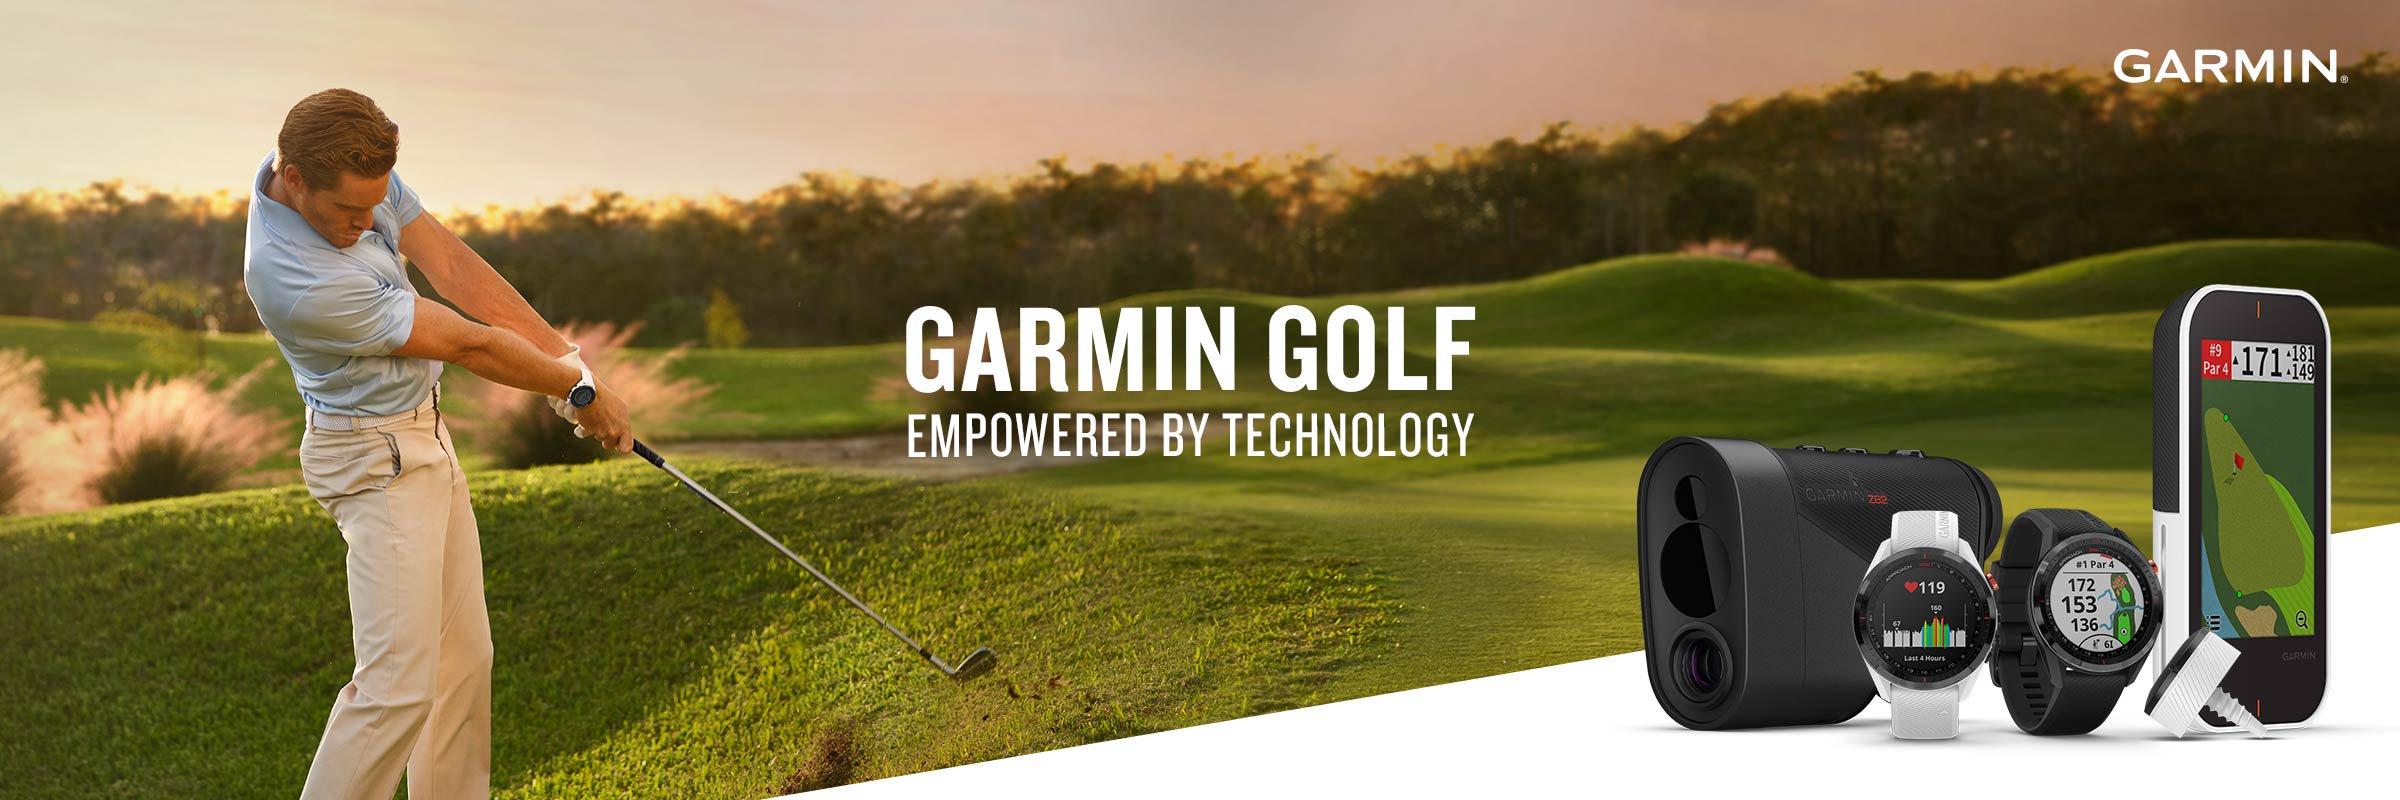 Garmin - Golf